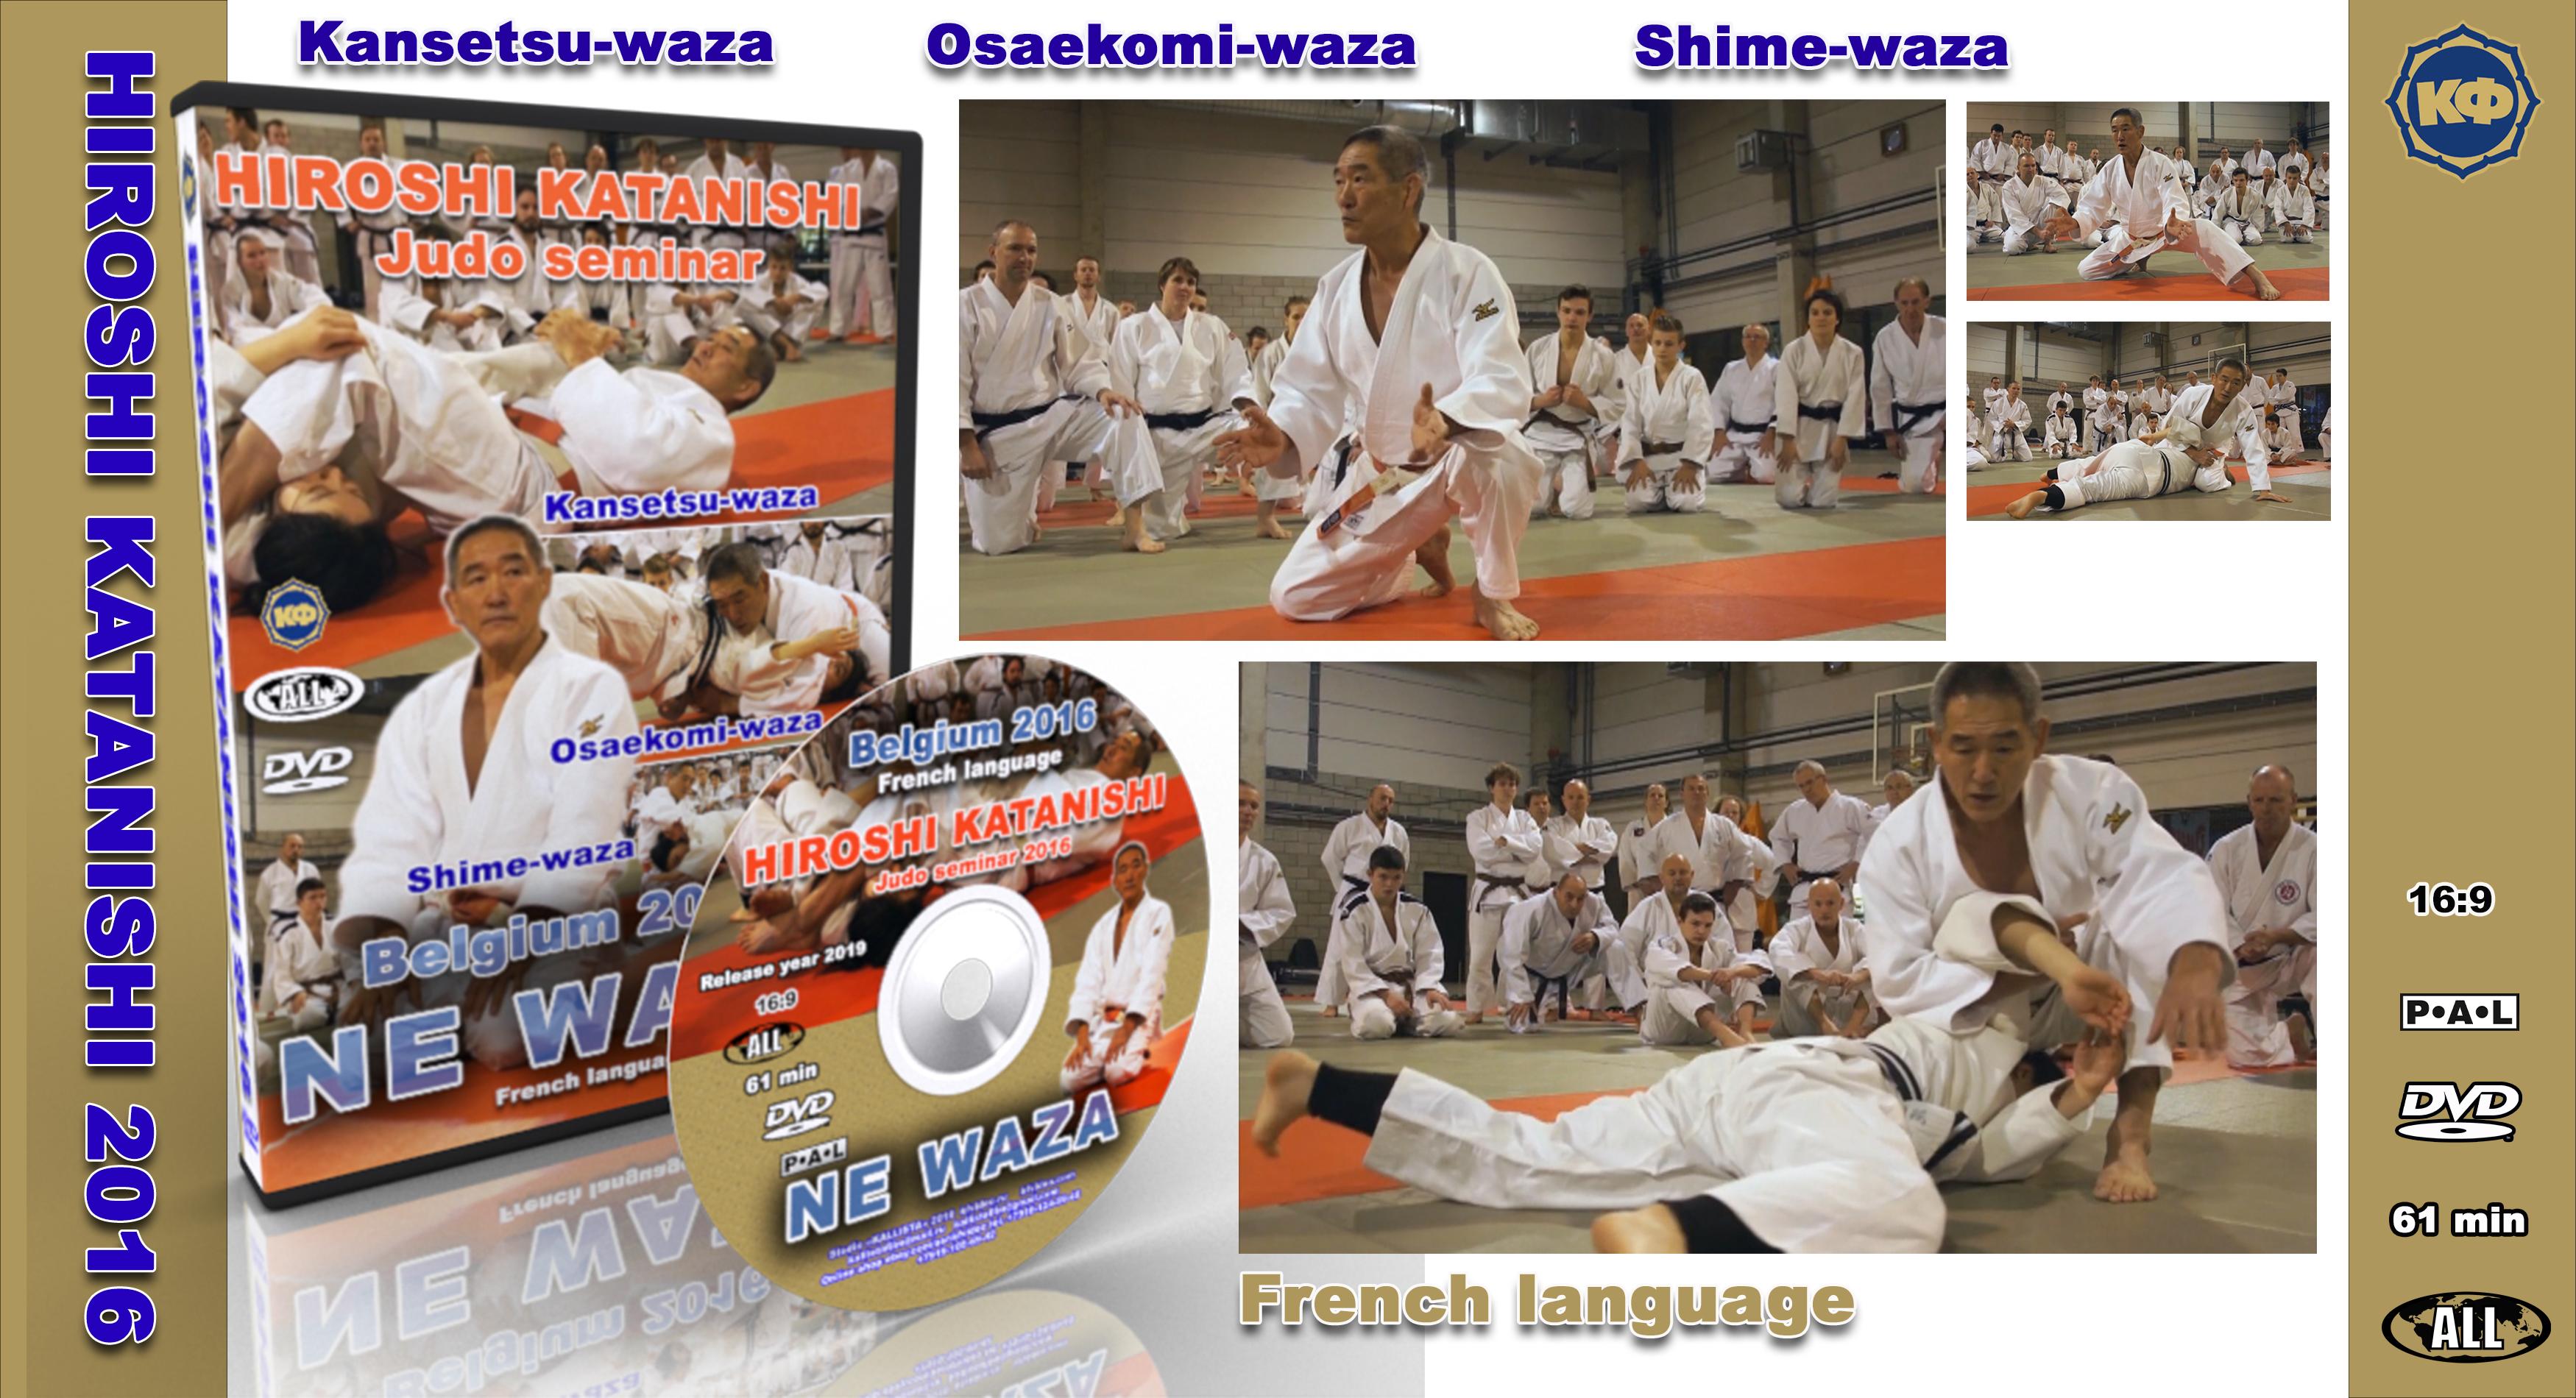 Дзюдо. Сборник 12 DVD. Хиросши Катаниши. 665 мин.